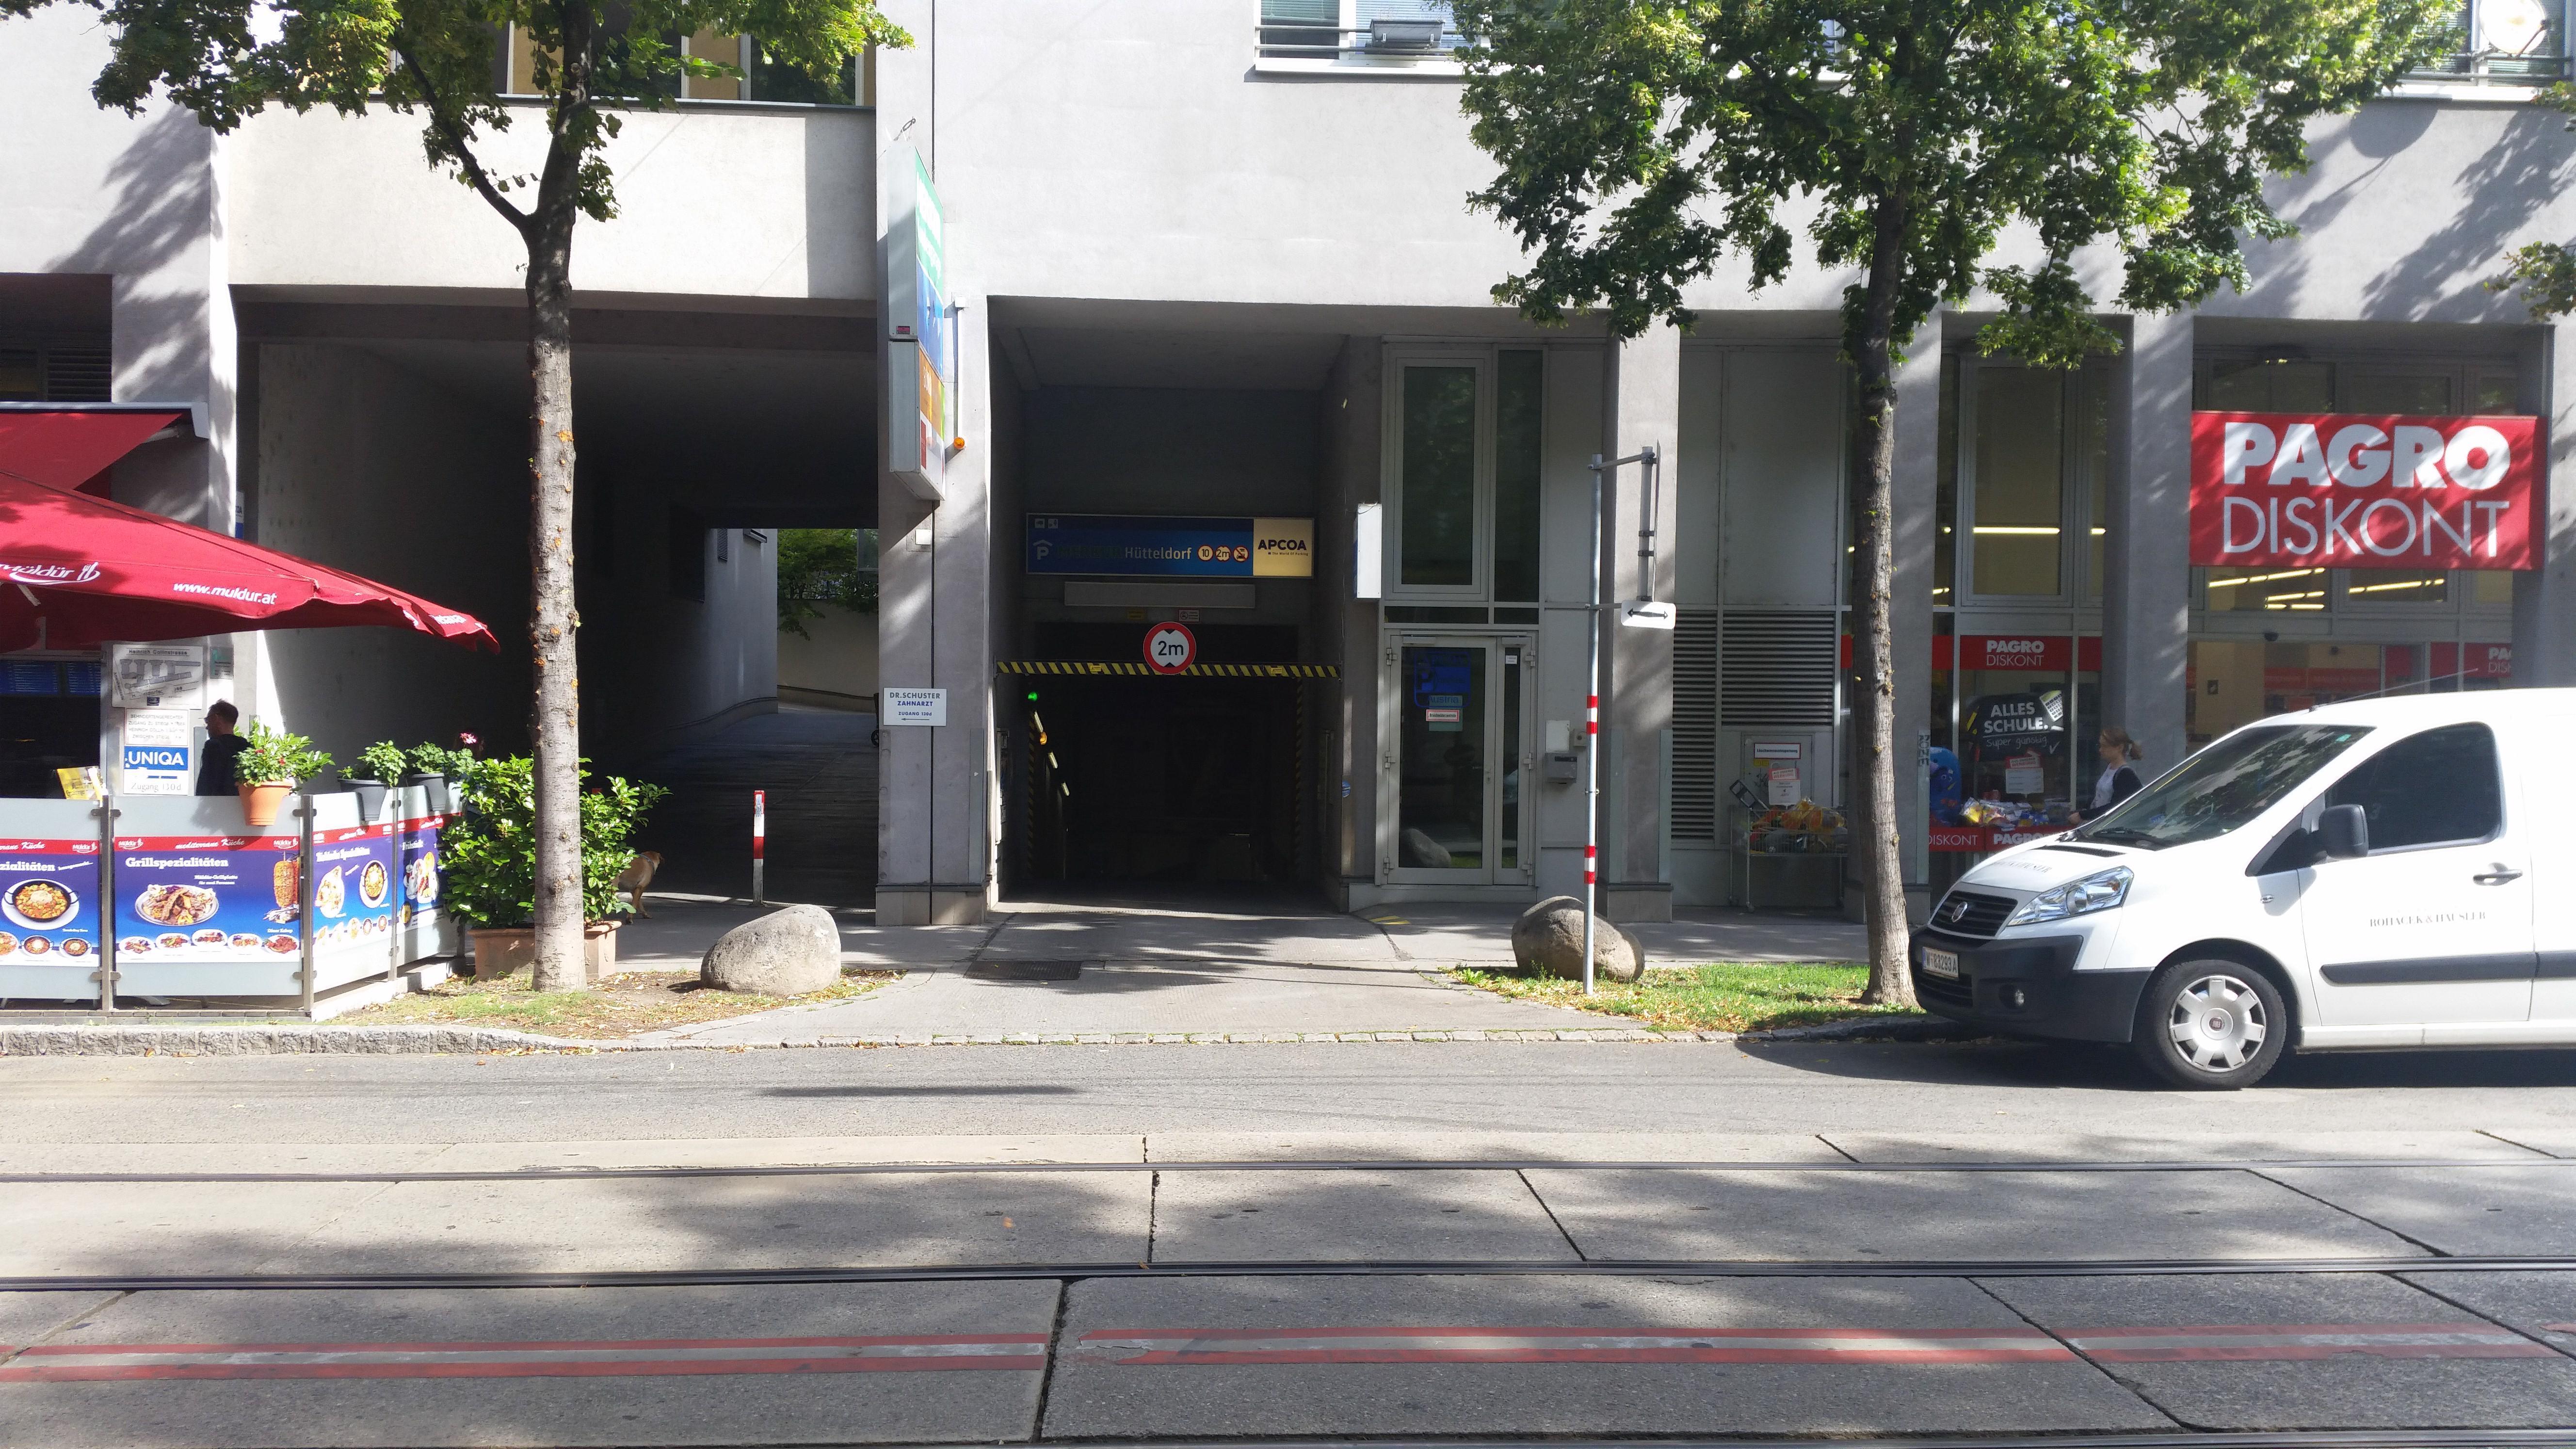 Parken In Tiefgarage Hütteldorferstrasse Wien Apcoa Apcoa Parking